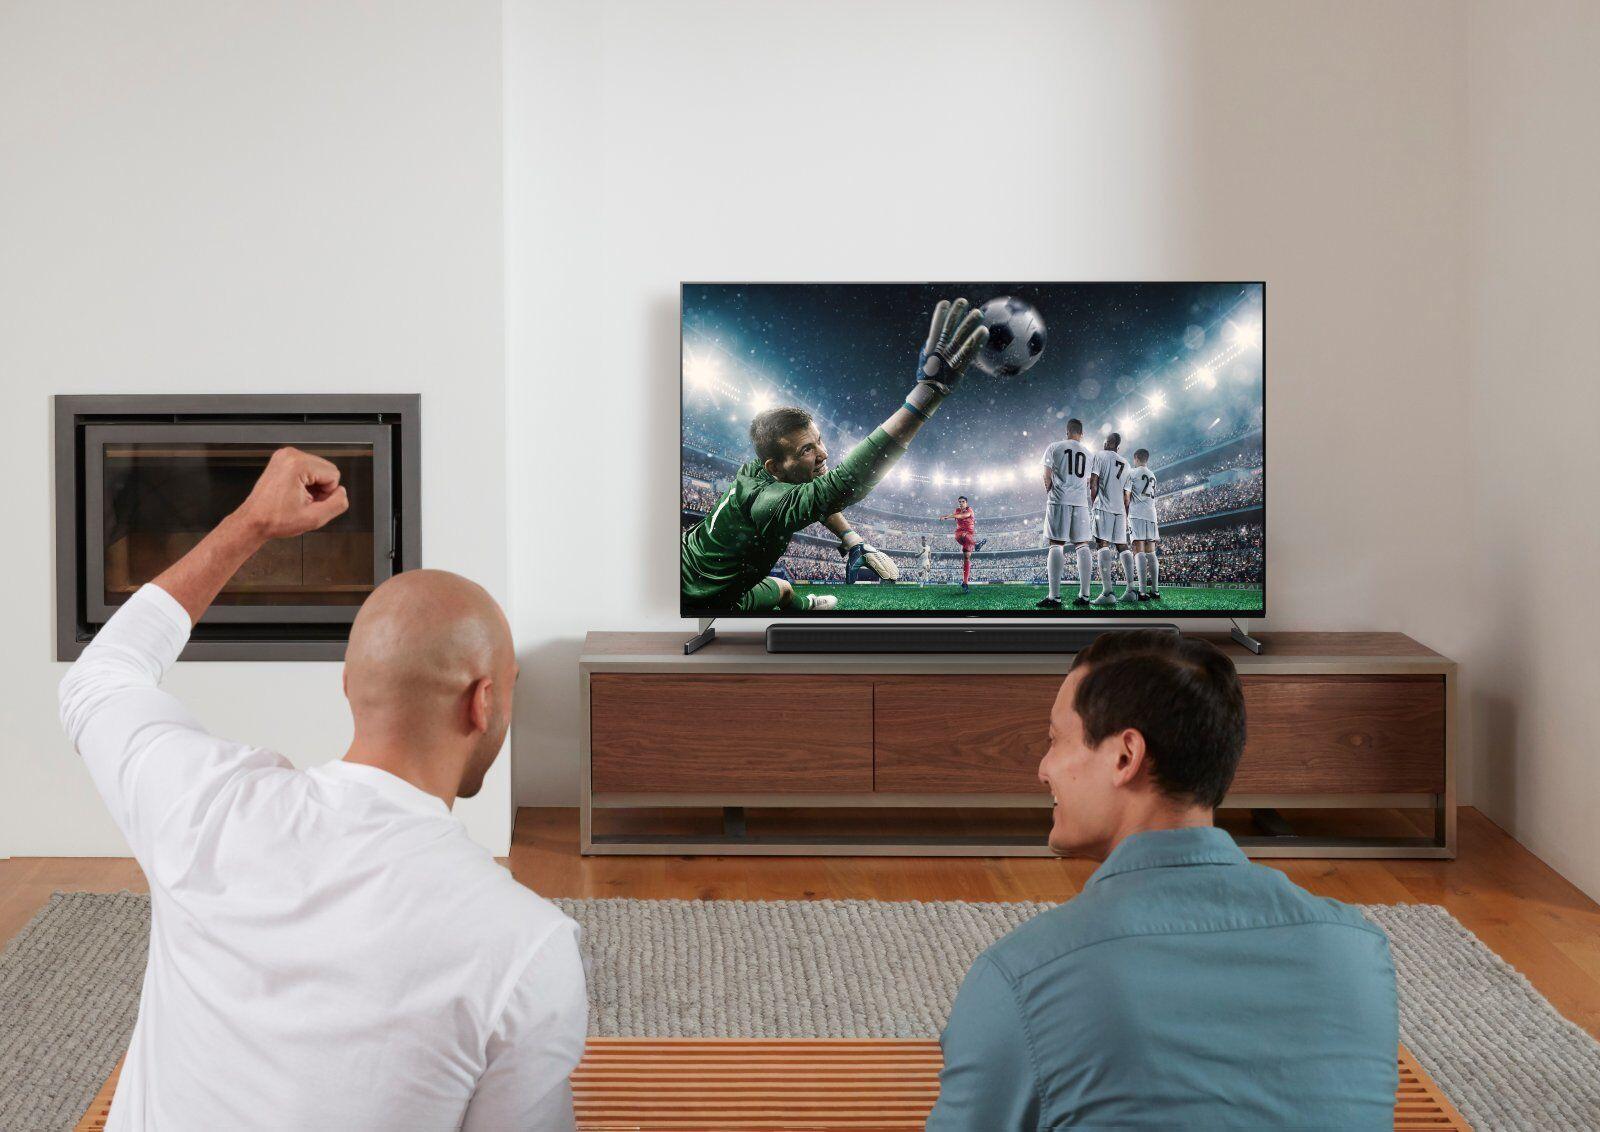 Sony televizorji so združljivi z vsemi najnovejšimi igralnimi konzolami